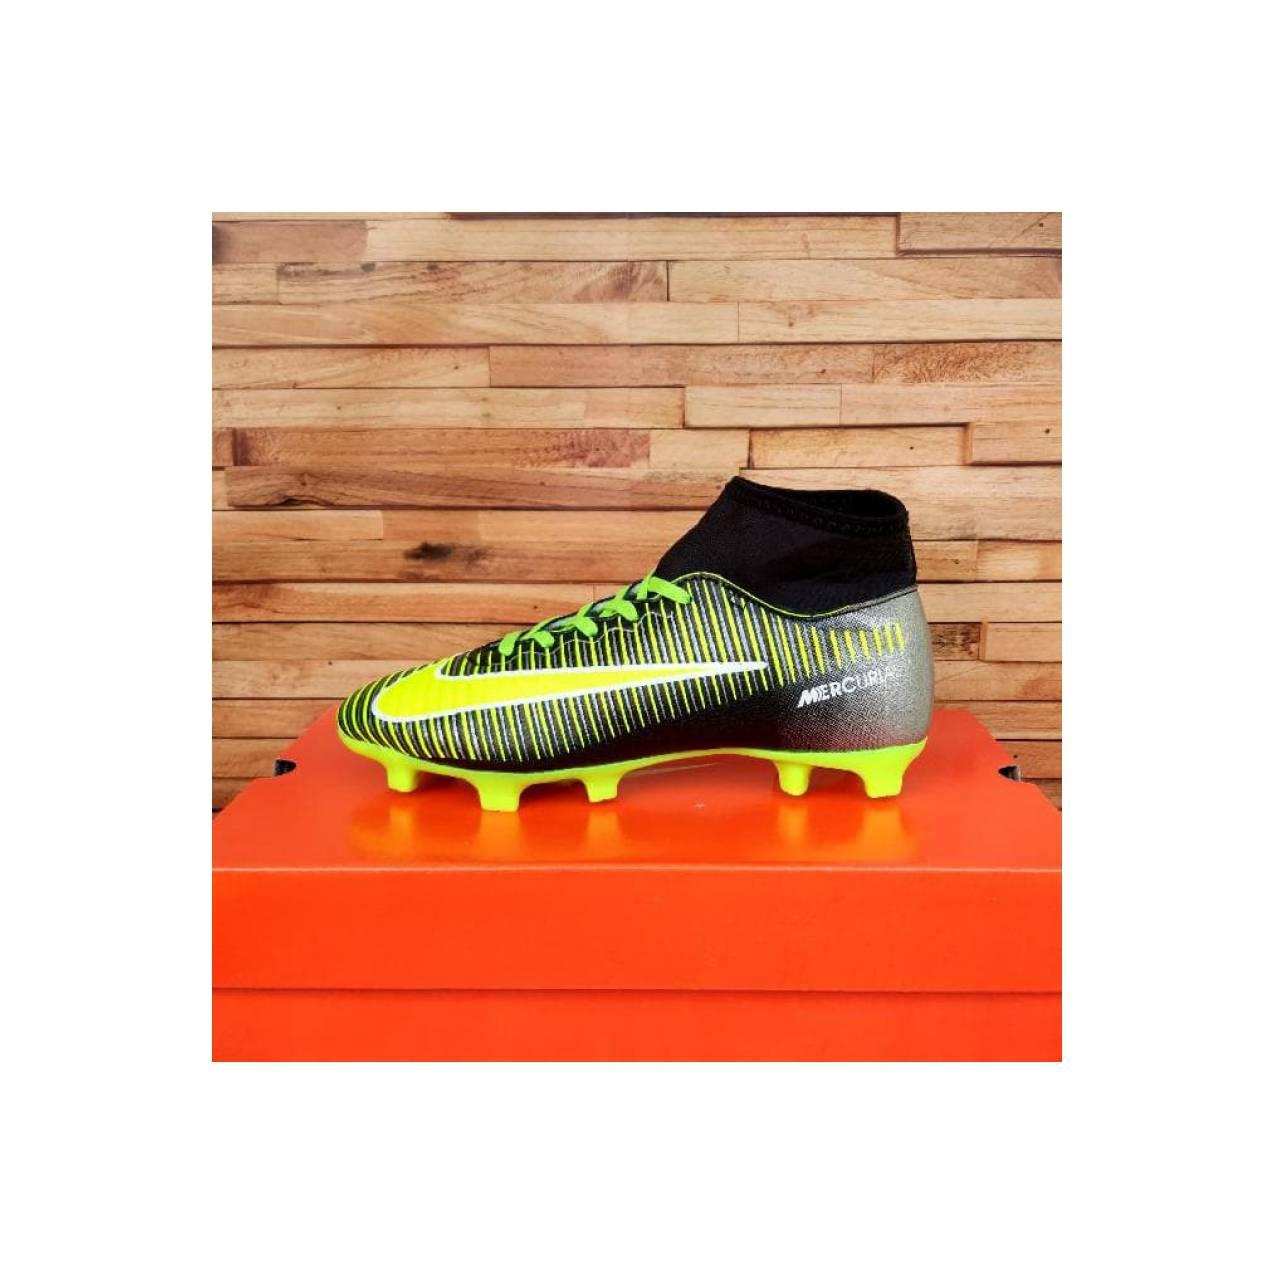 Toko Indonesia Perbandingan Harga Sepatu Anak Terbaru 05 07 18 Nike Bahan Lembut Bola Mercurial Berkualitas